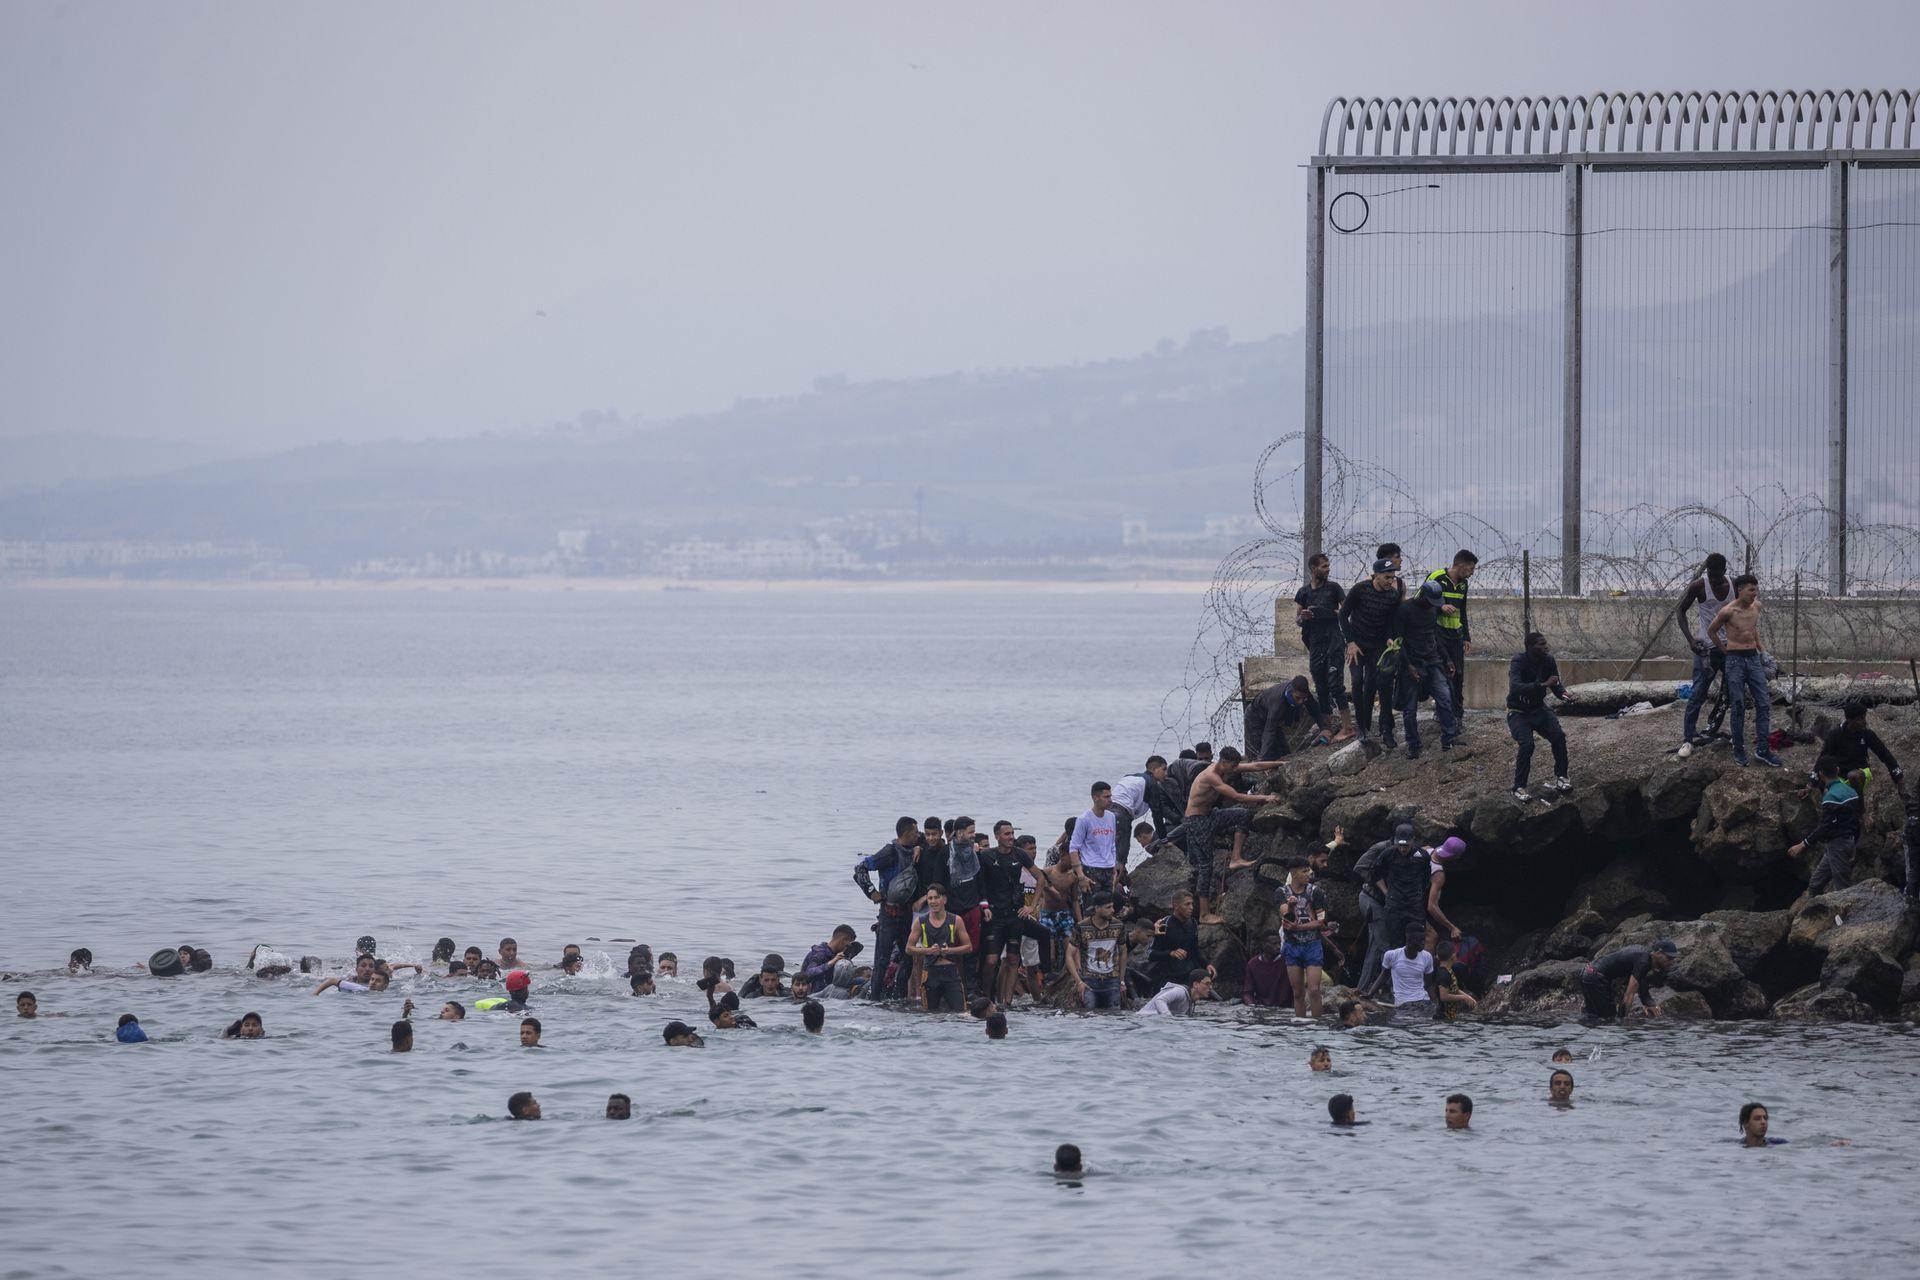 Migrantes cruzan nadando al enclave español de Ceuta, cerca de la frontera de Marruecos y España